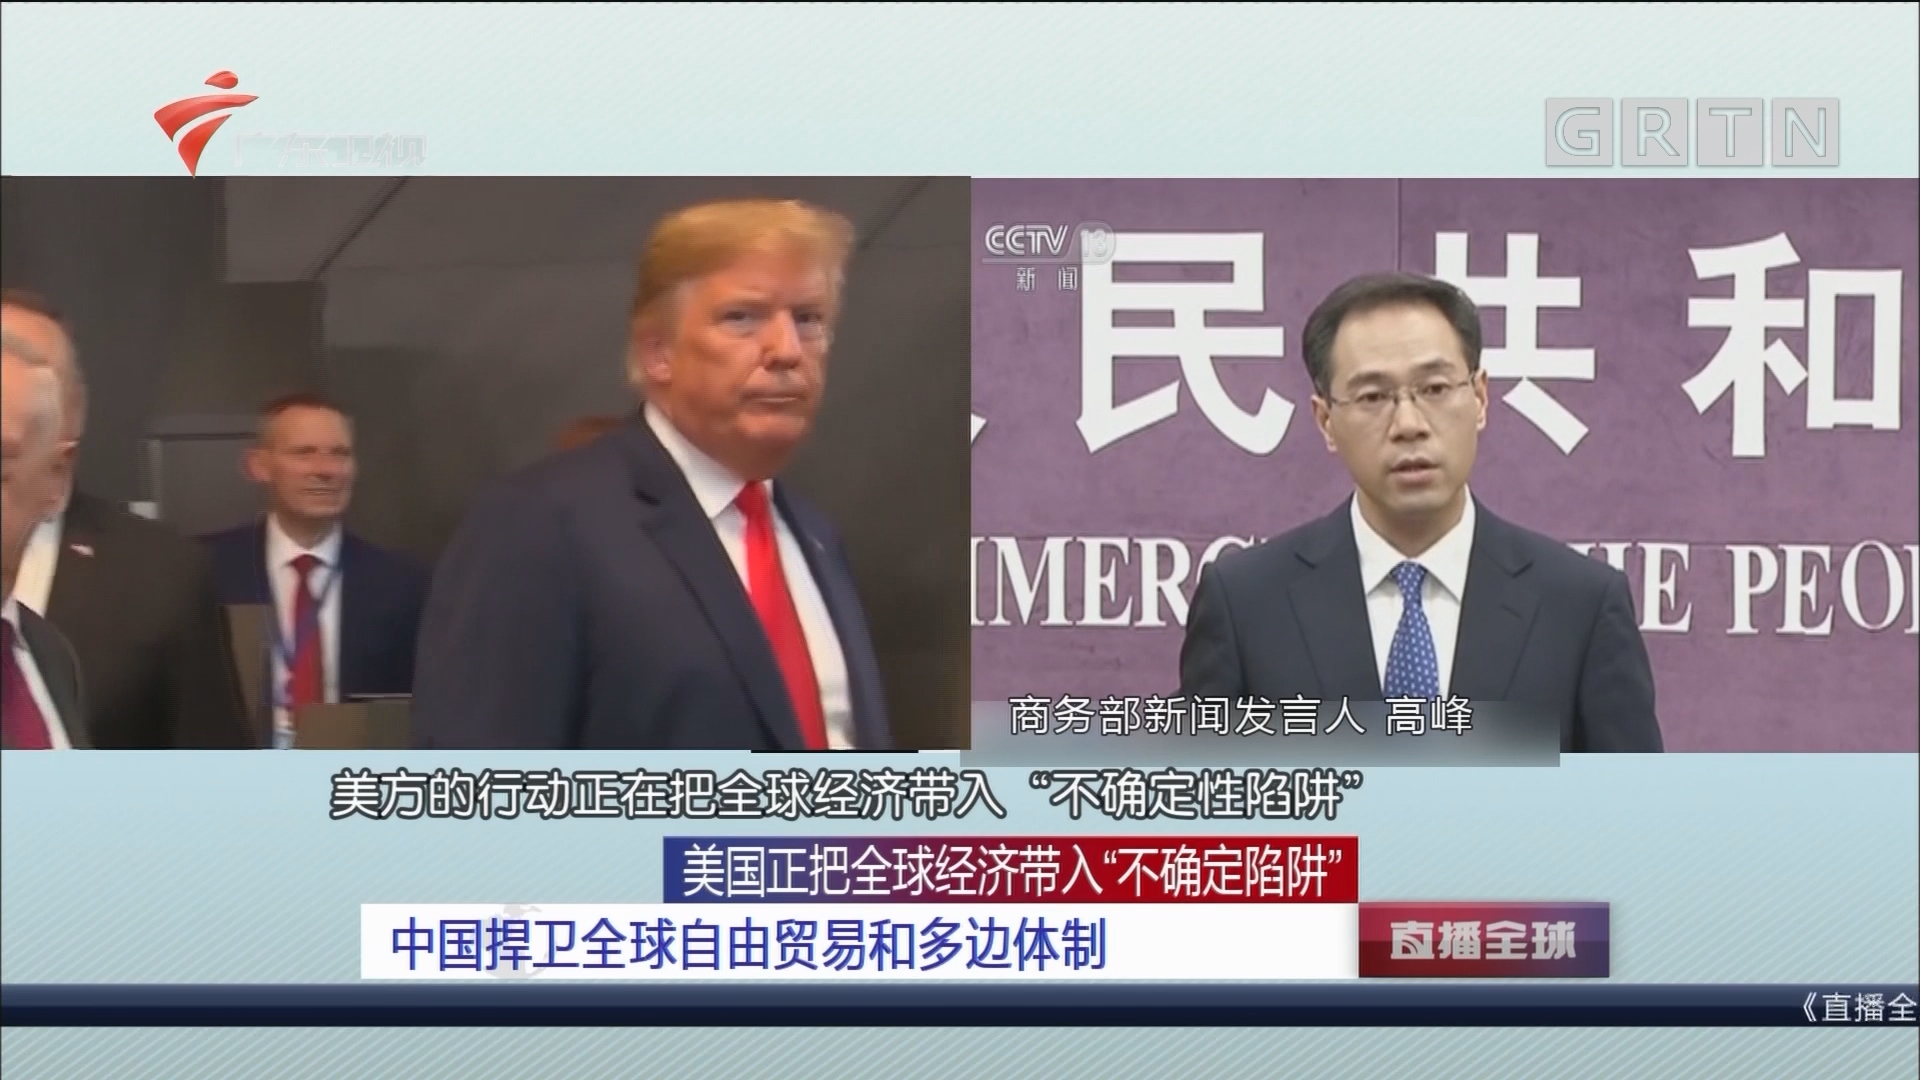 """美国正把全球经济带入""""不确定陷阱"""" 中国捍卫全球自由贸易和多边体制"""